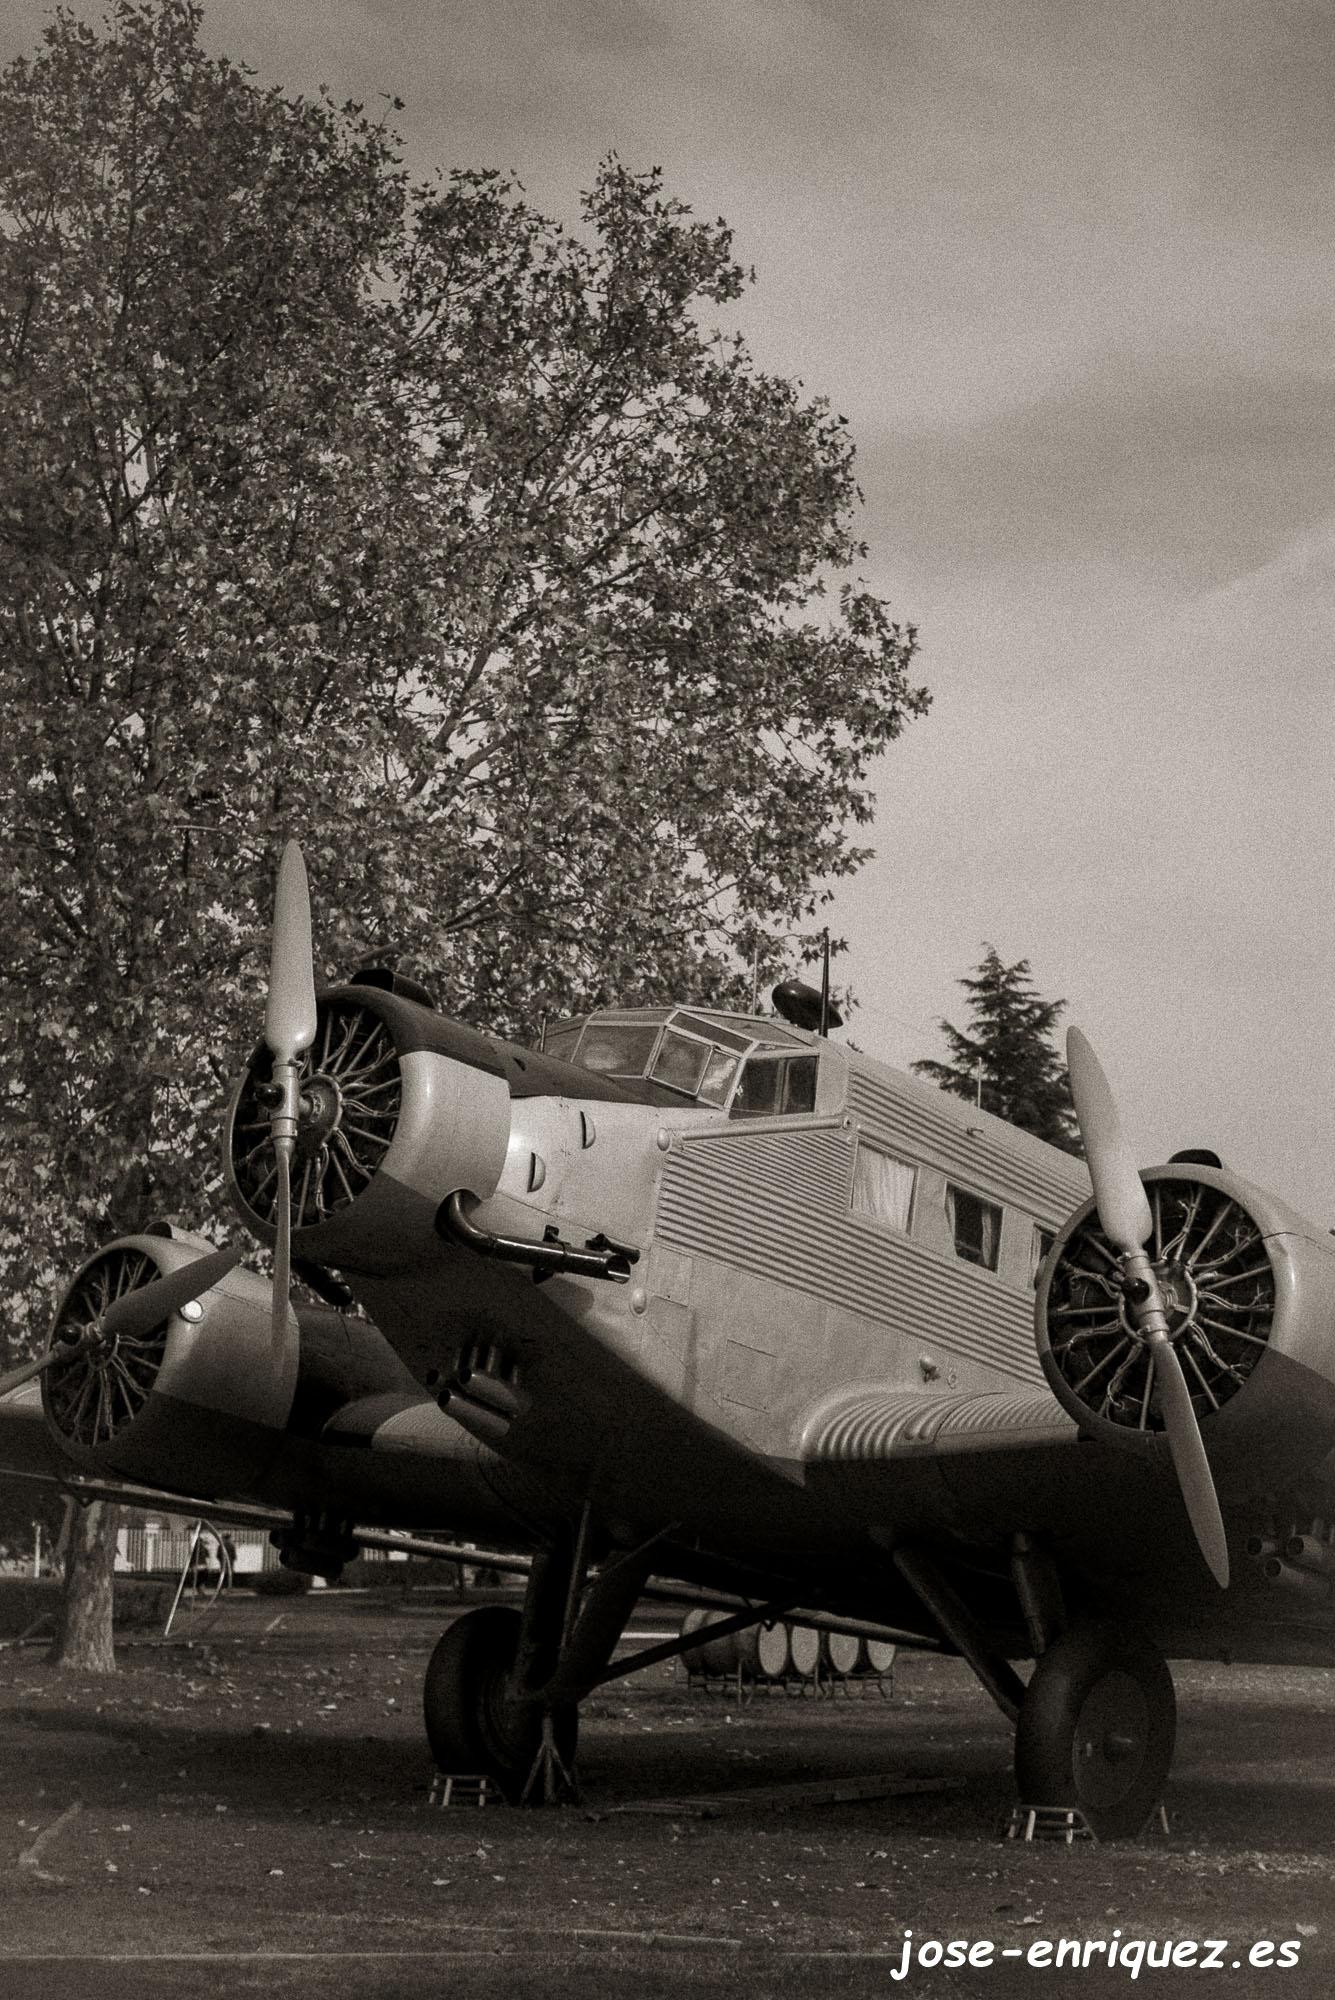 03-009-06 Casa 352-Junkers Ju-52 3M. Museo del Aire (6)